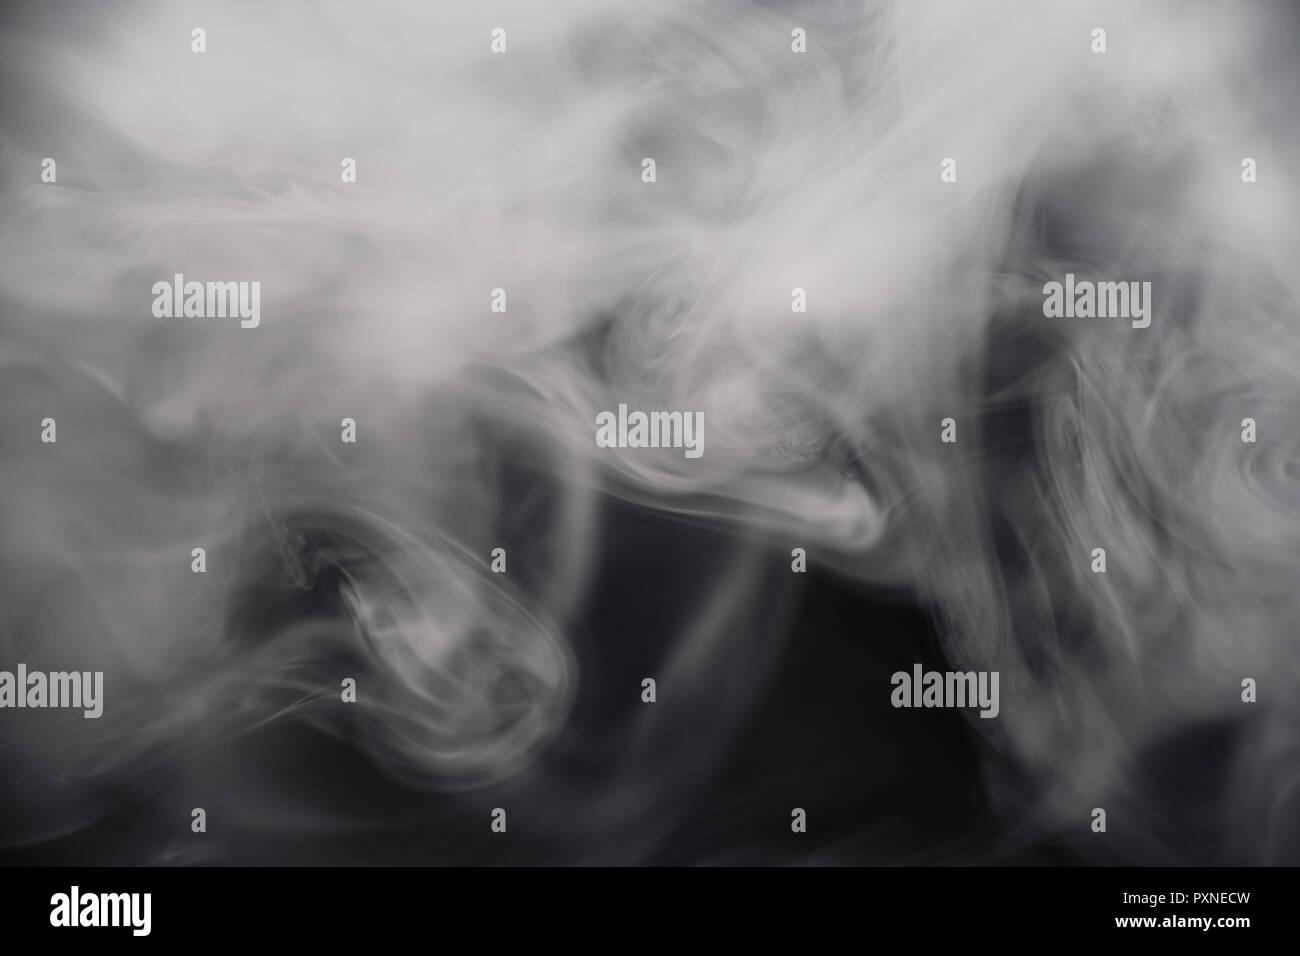 Smoke On Black Background Close-Up - Stock Image